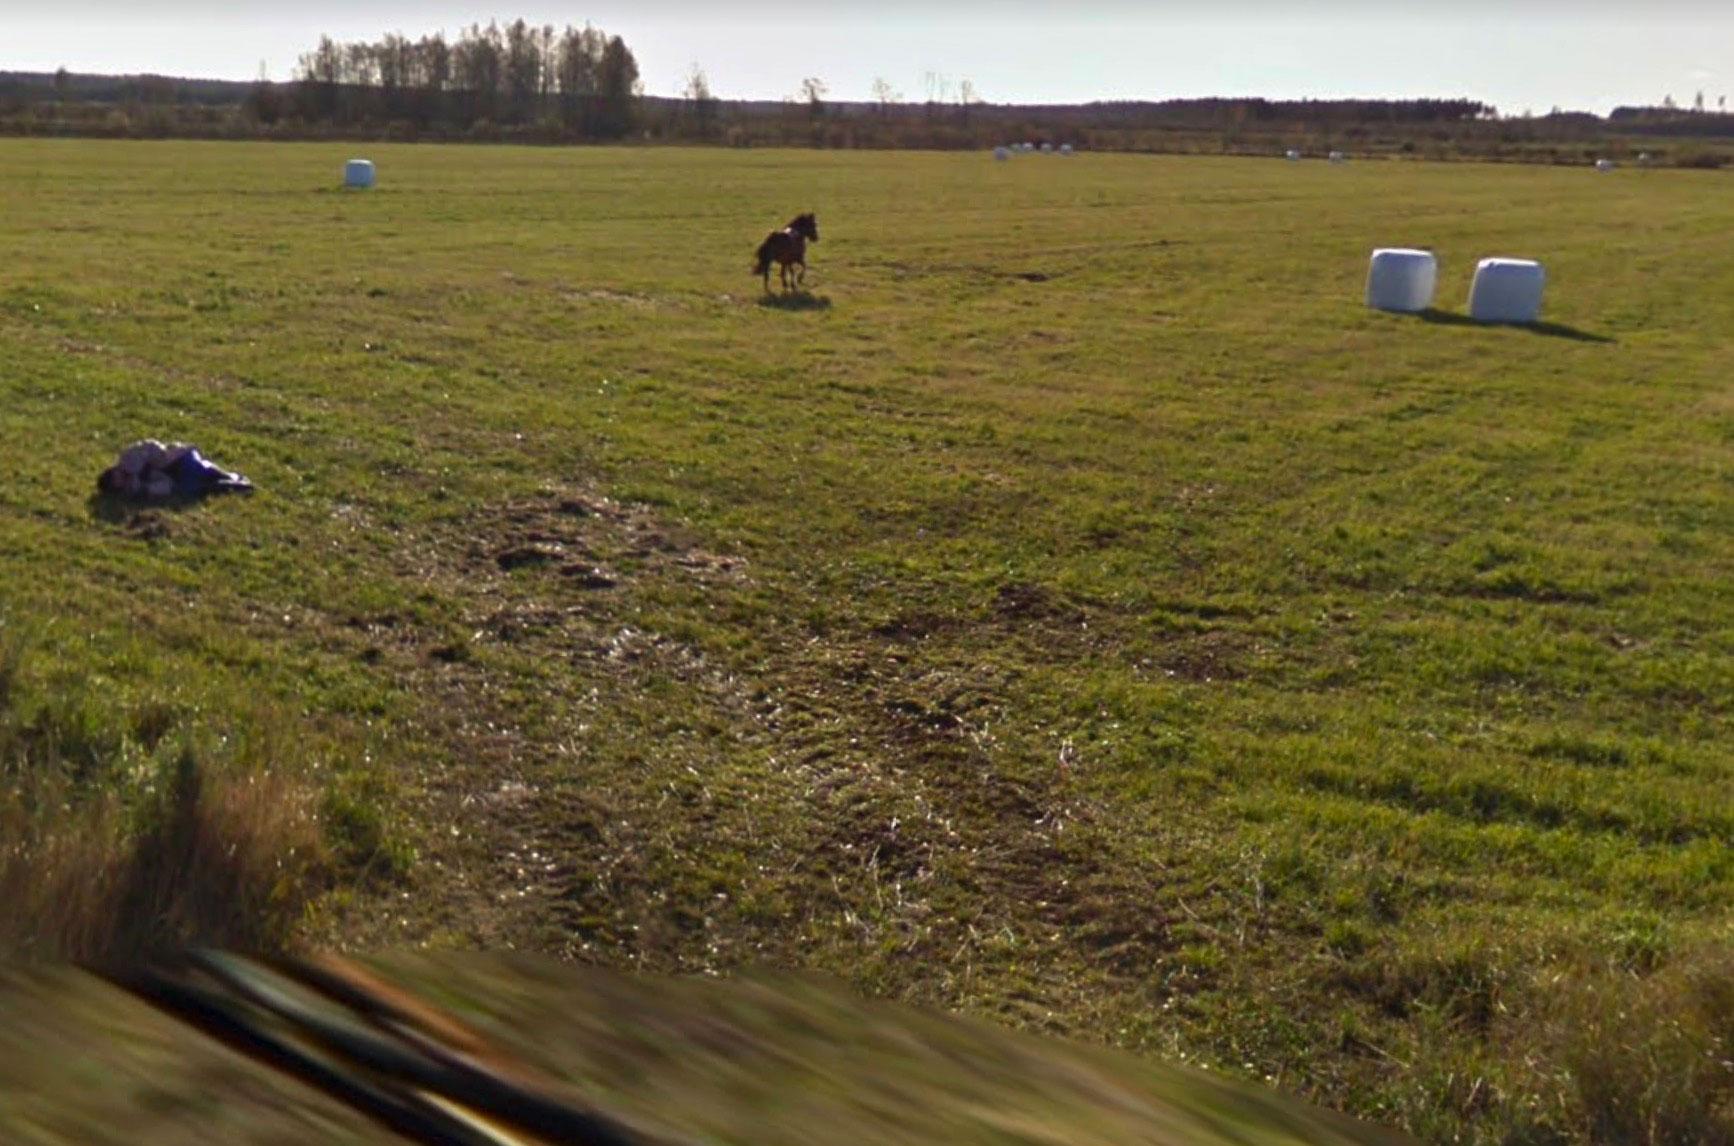 Il semblerait que ce cavalier ait été jeté au sol par sa monture, et ce alors même qu'une Google Car passait à son niveau